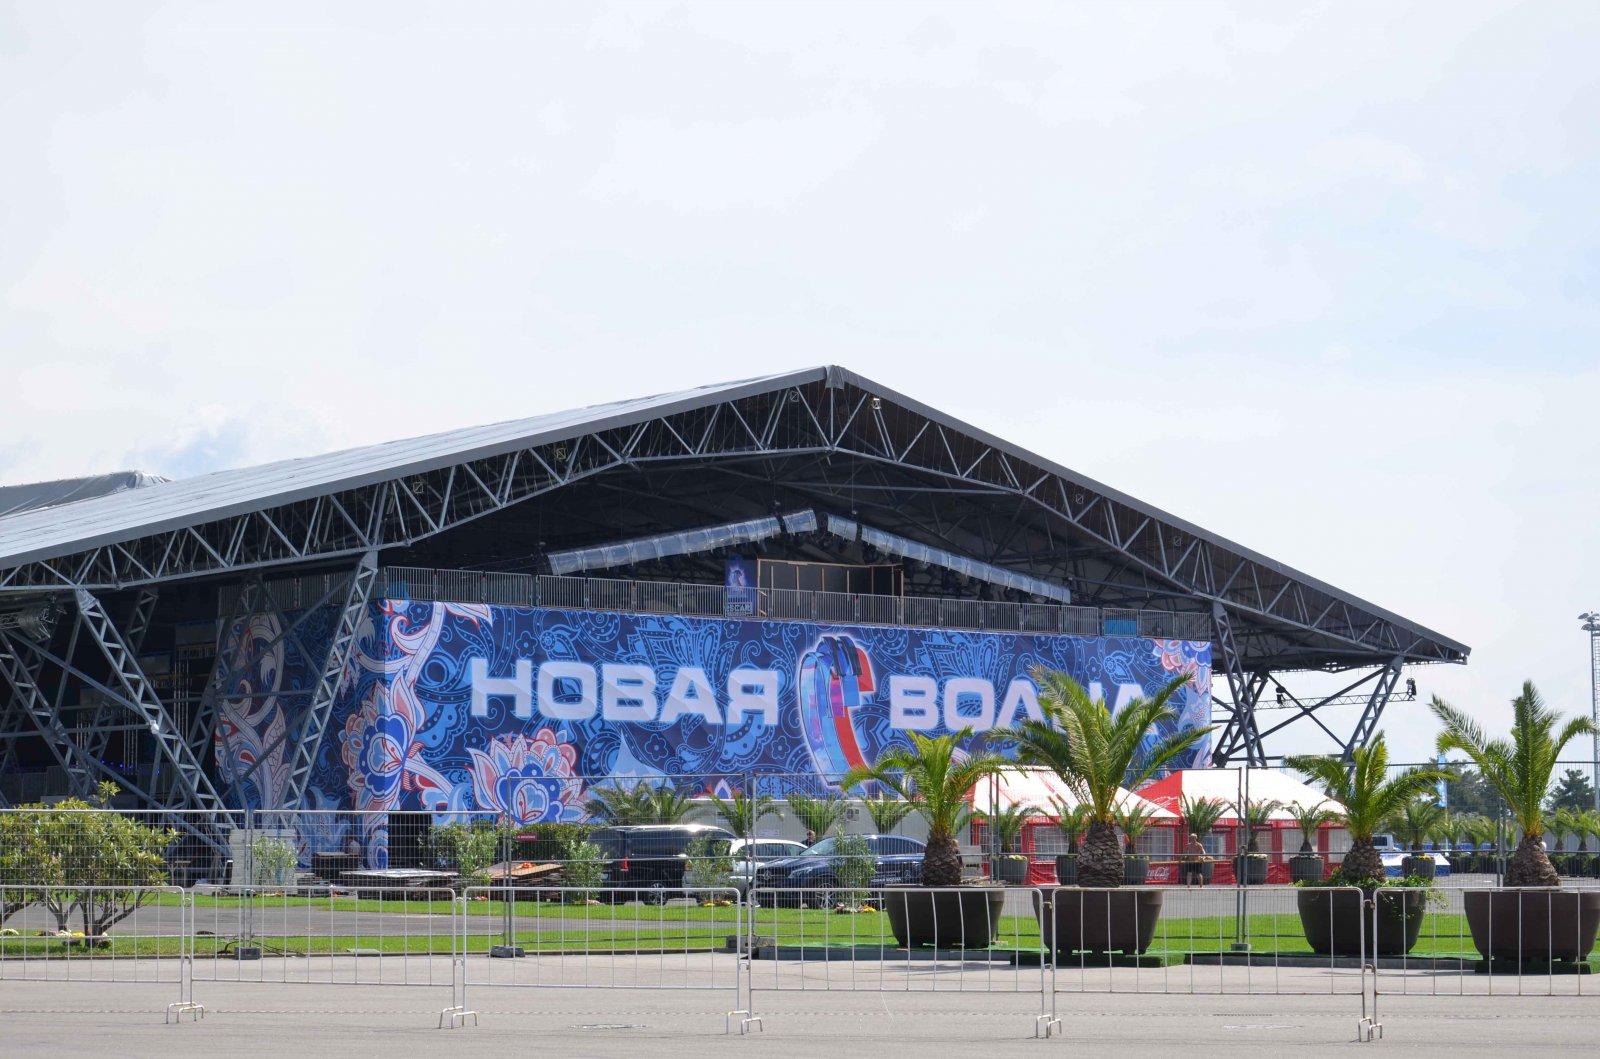 8 сентября 2017 года в олимпийском парке откроется уникальный концертный зал new wave hall